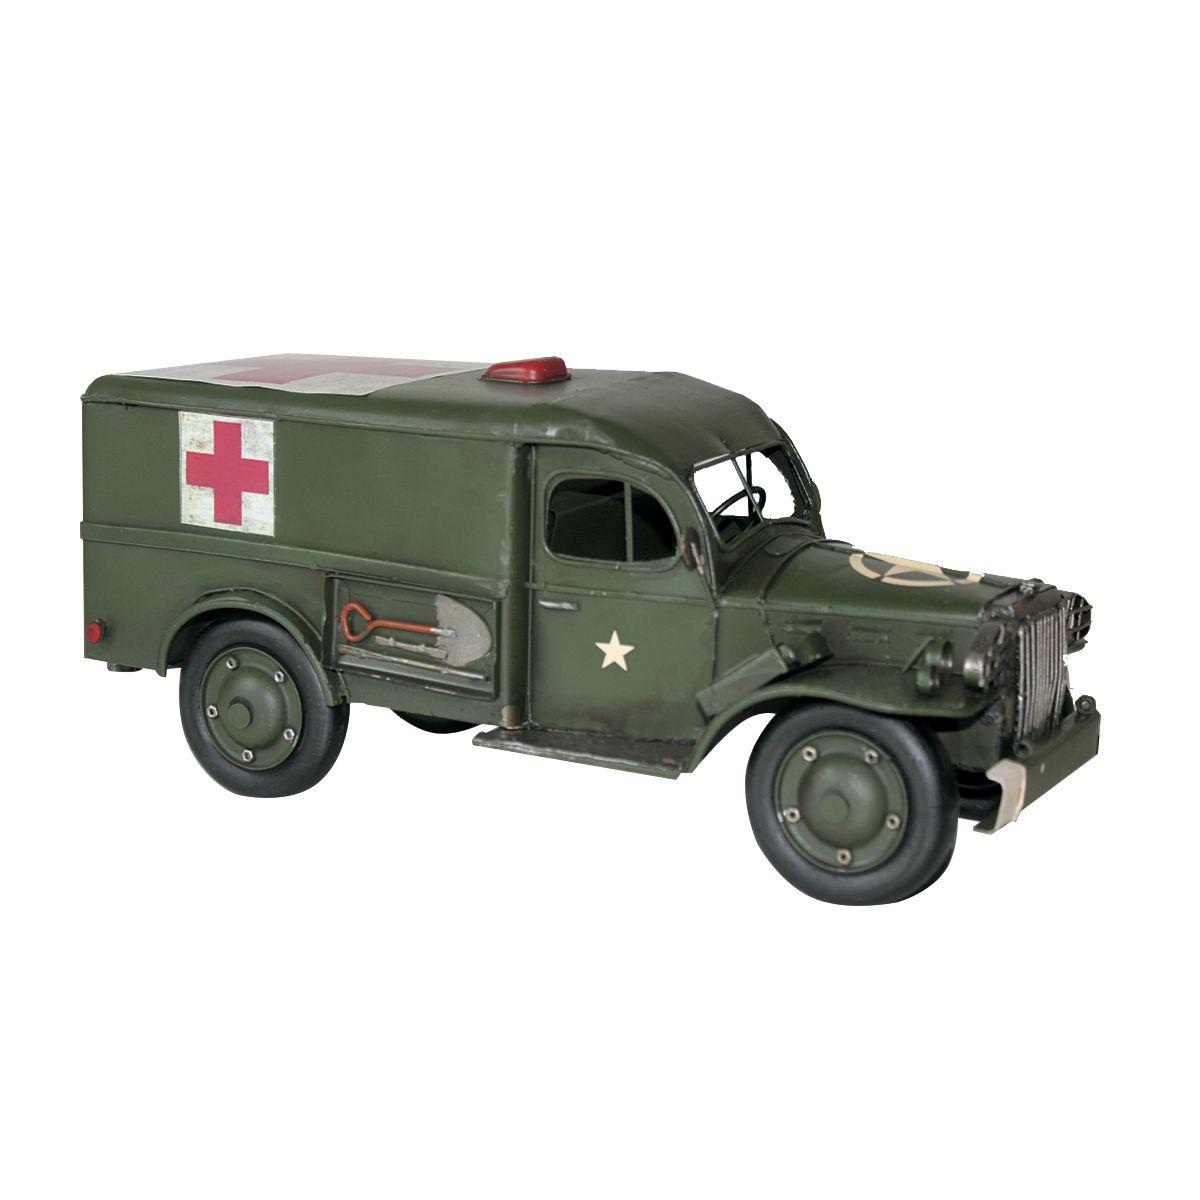 Colecionável  de Metal Ambulância Militar Dodge WC 1954 Retrô